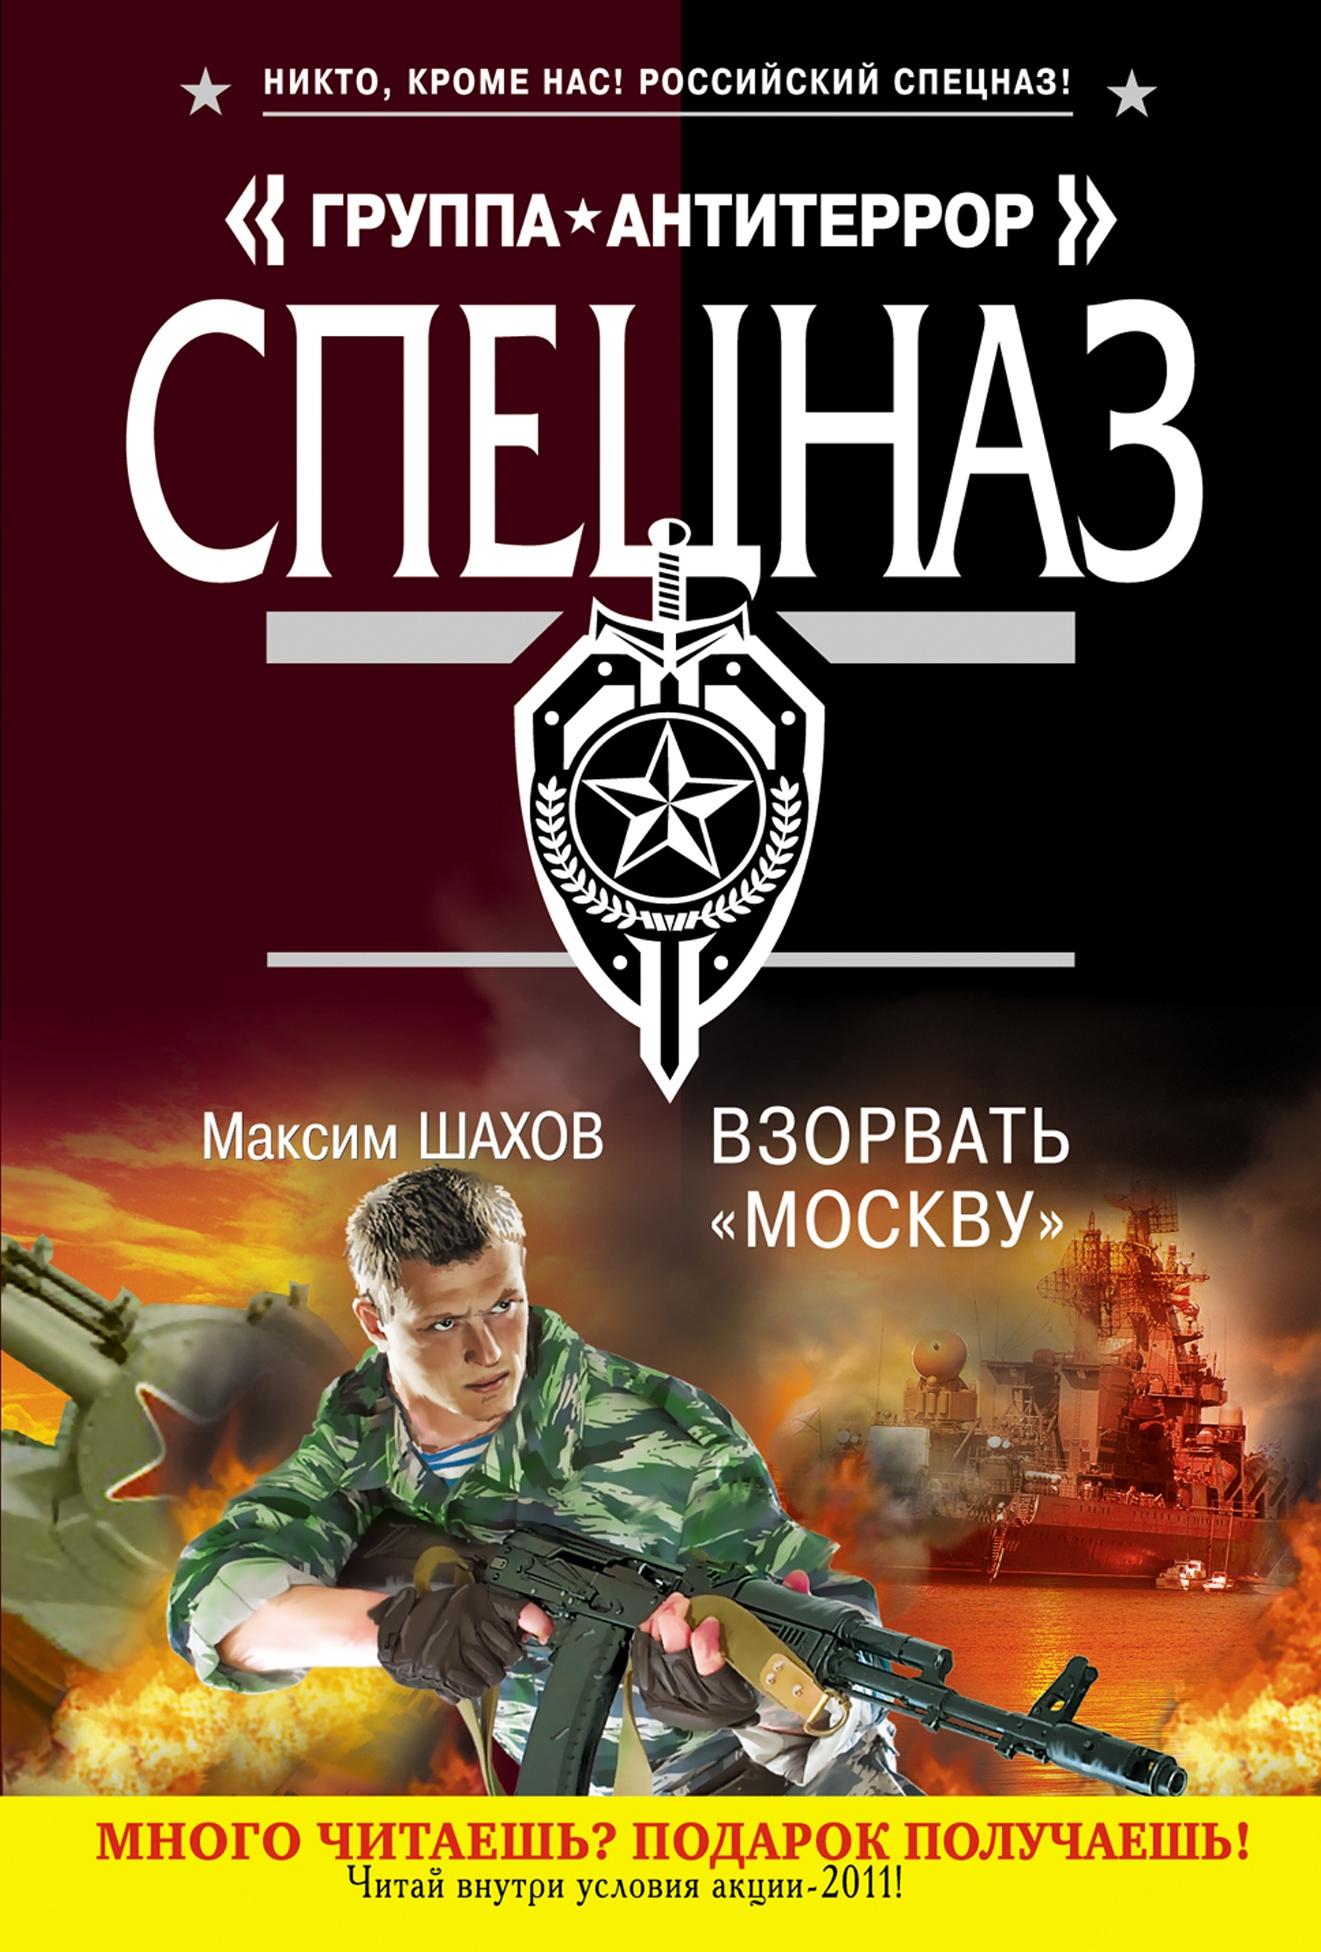 Максим Шахо зорать «Моску»